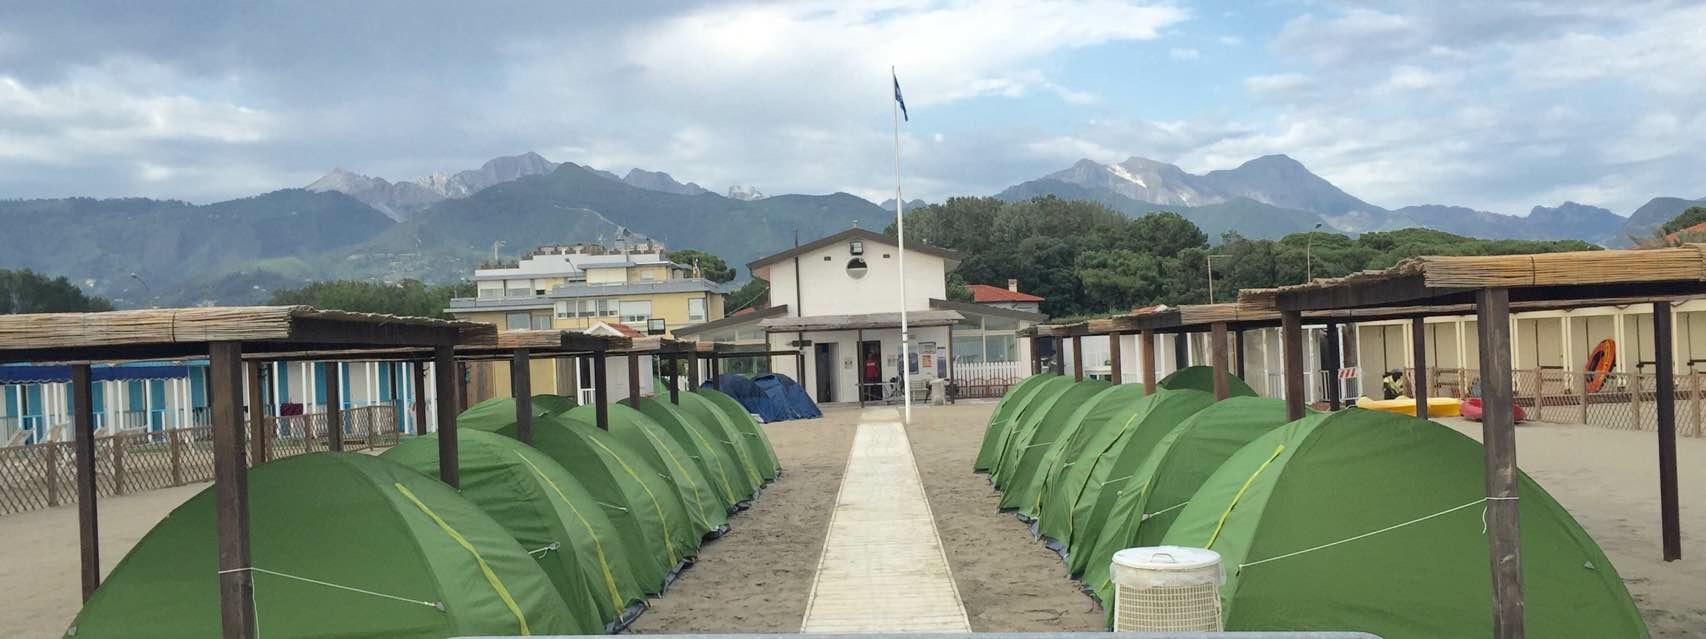 La notte in tenda ai Centri estivi è un'esperienza da ripetere